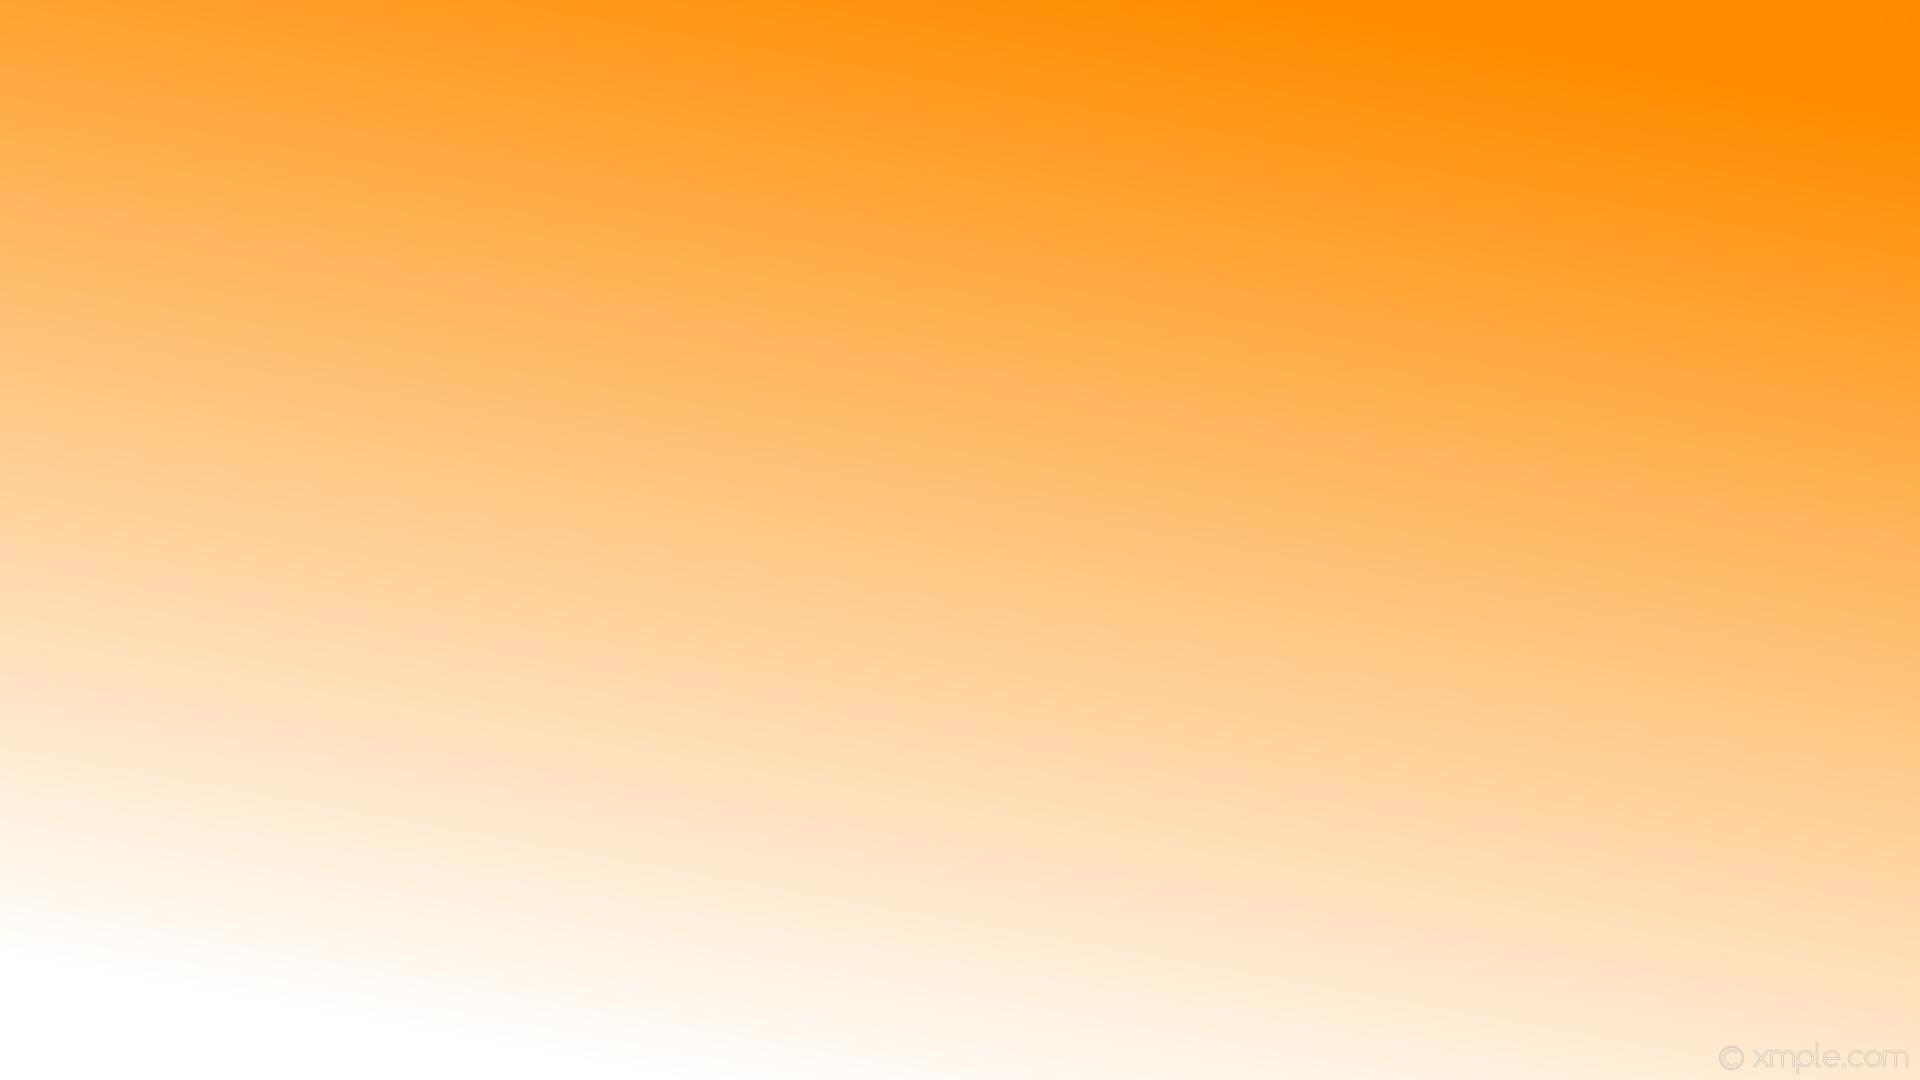 wallpaper linear gradient orange white dark orange #ff8c00 #ffffff 60°